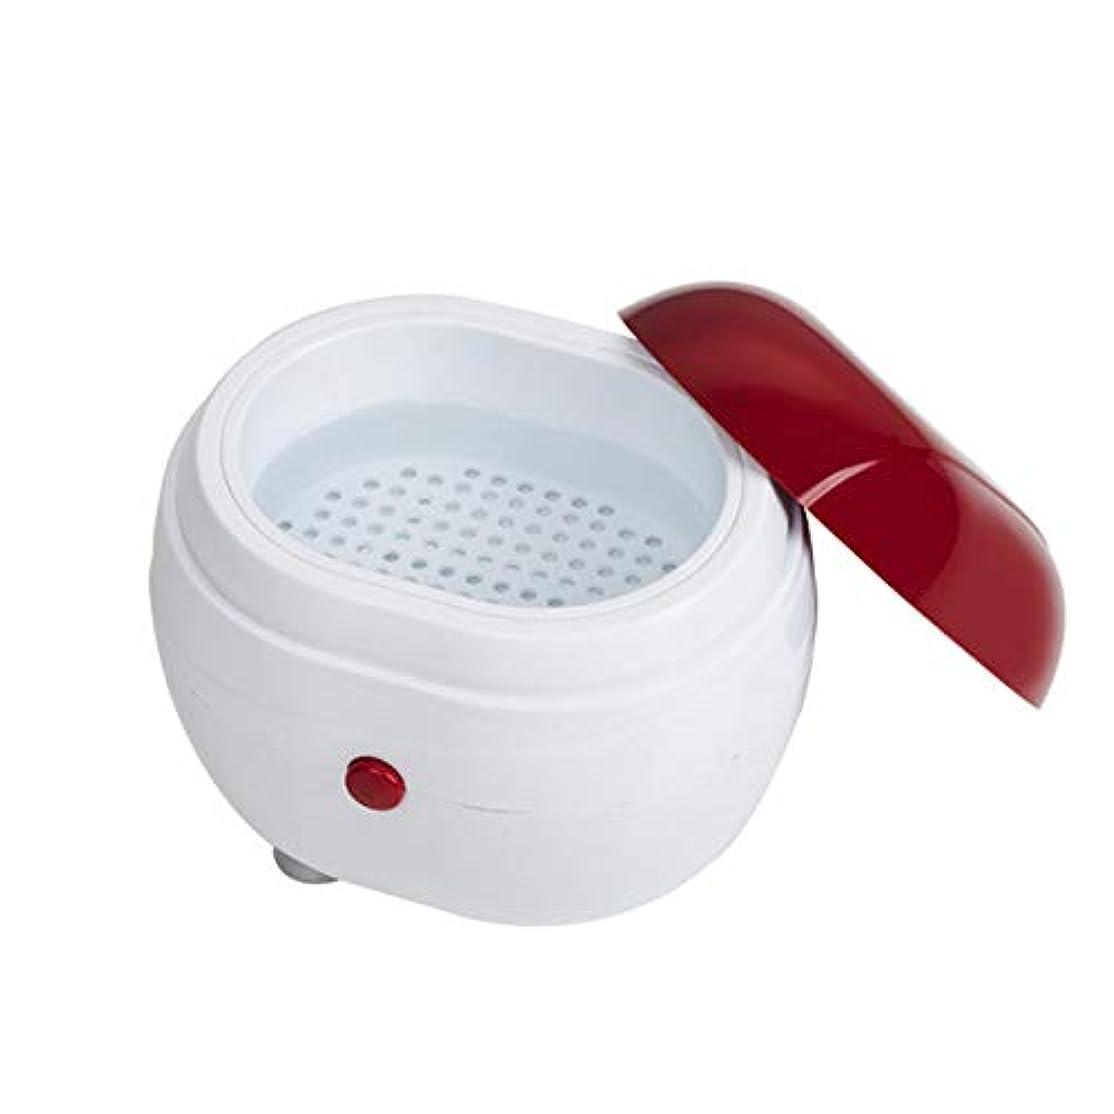 神聖体現する船酔いポータブル超音波洗濯機家庭用ジュエリーレンズ時計入れ歯クリーニング機洗濯機クリーナークリーニングボックス - 赤&白